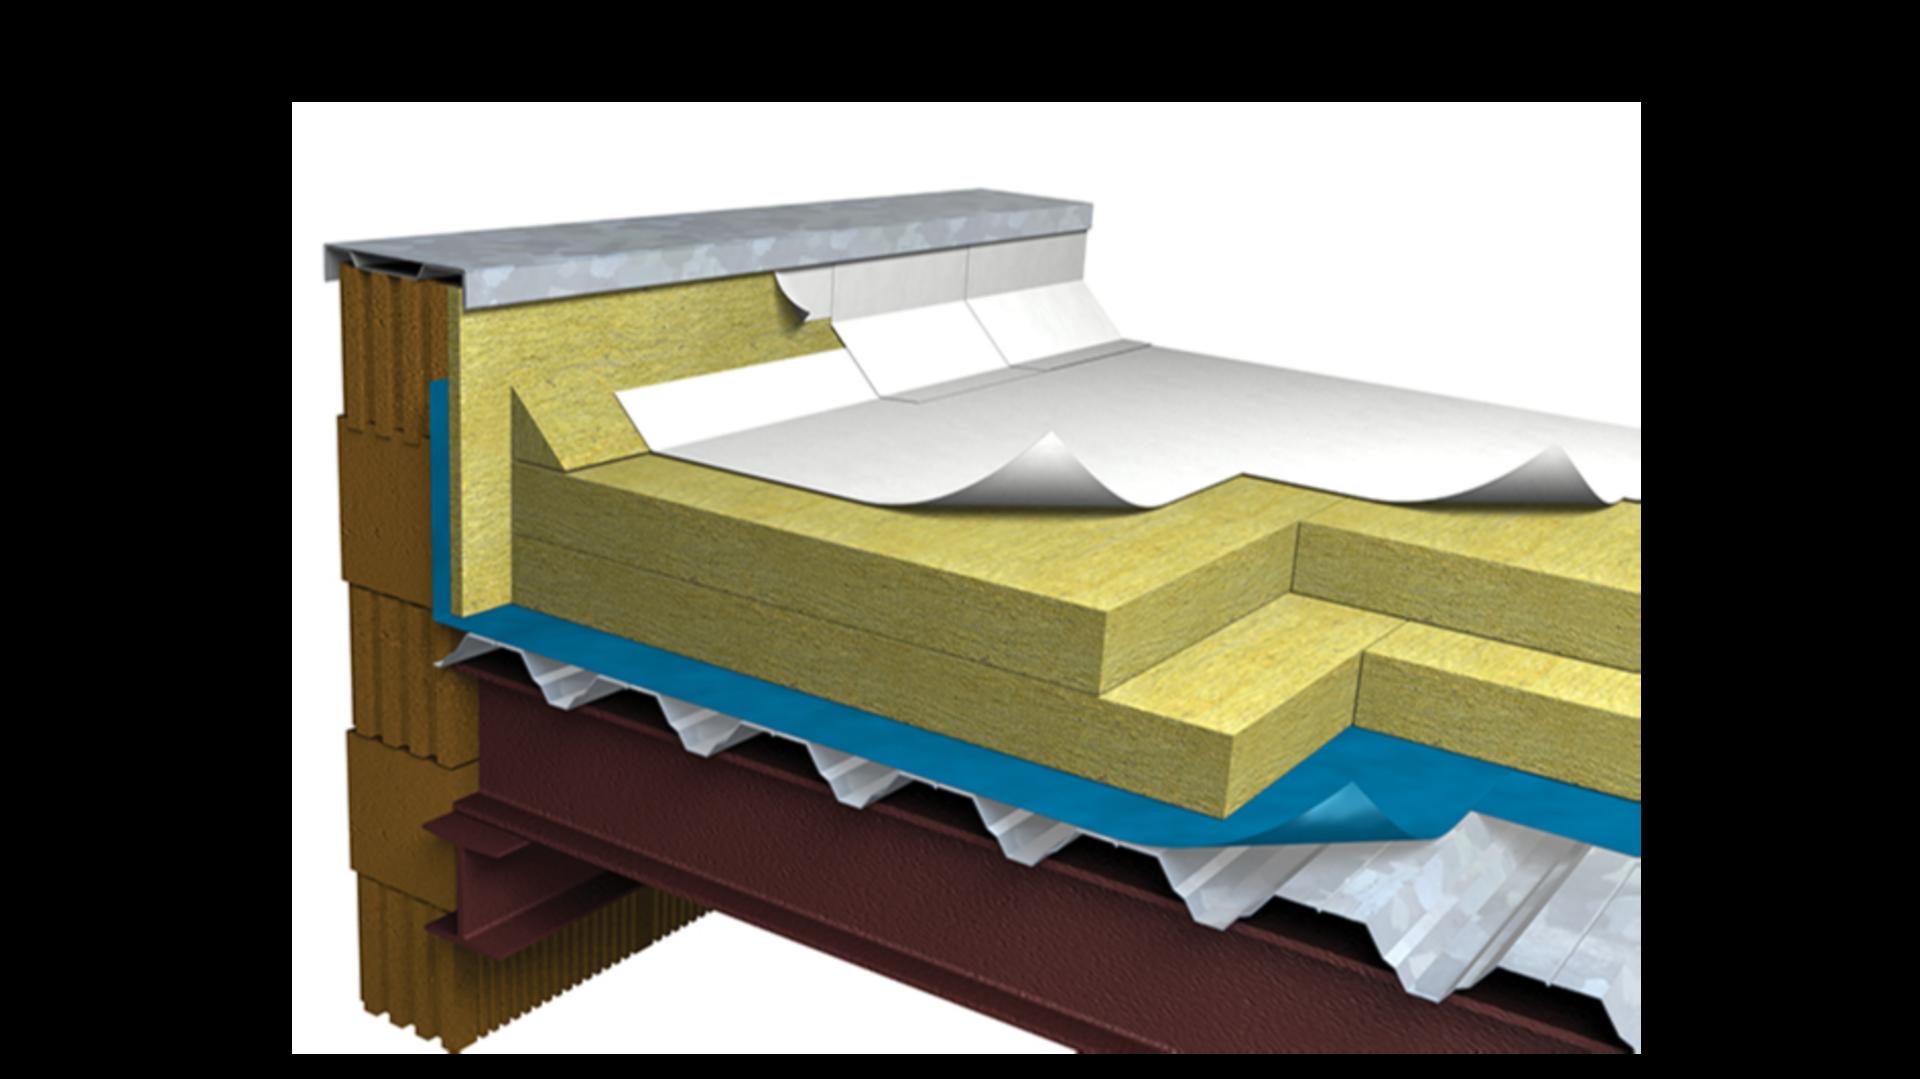 Steel Deck Roof